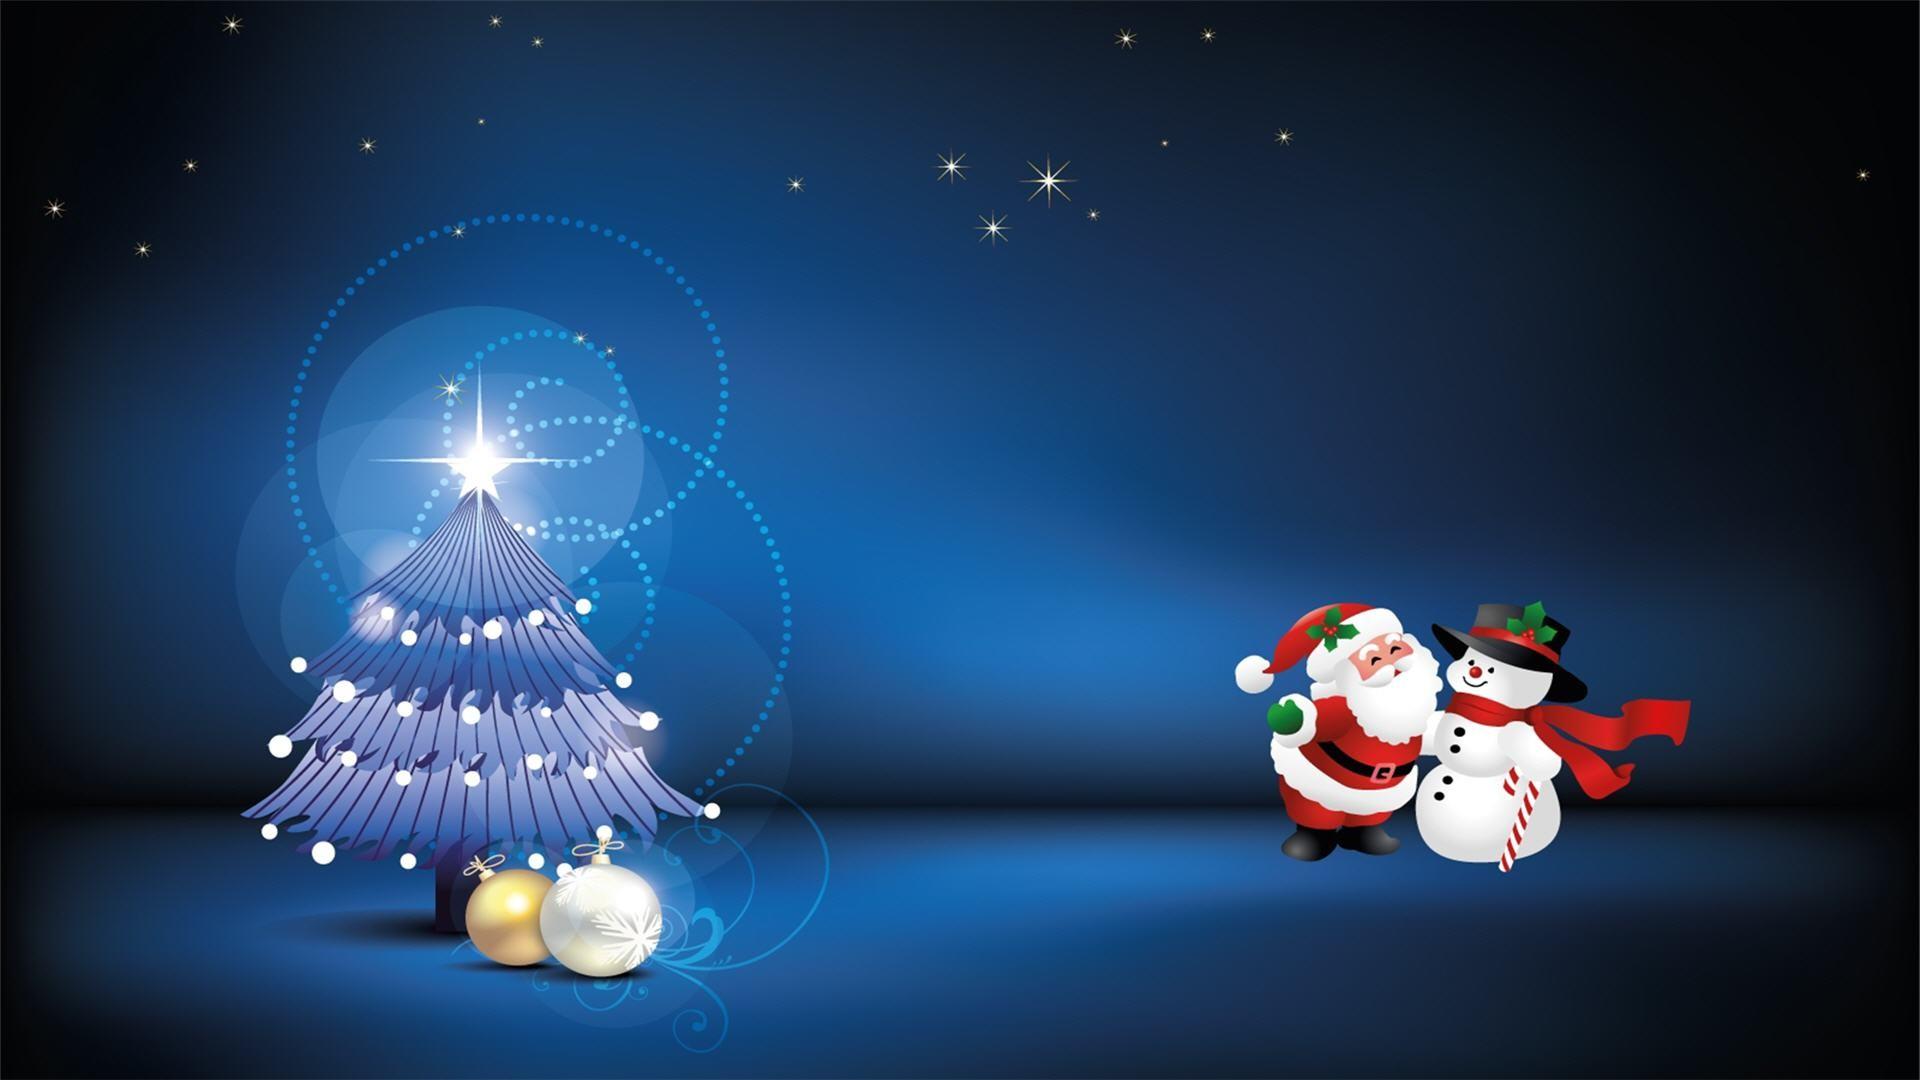 Christmas Wallpapers for Desktop | Hd Christmas Wallpapers for Desktop .